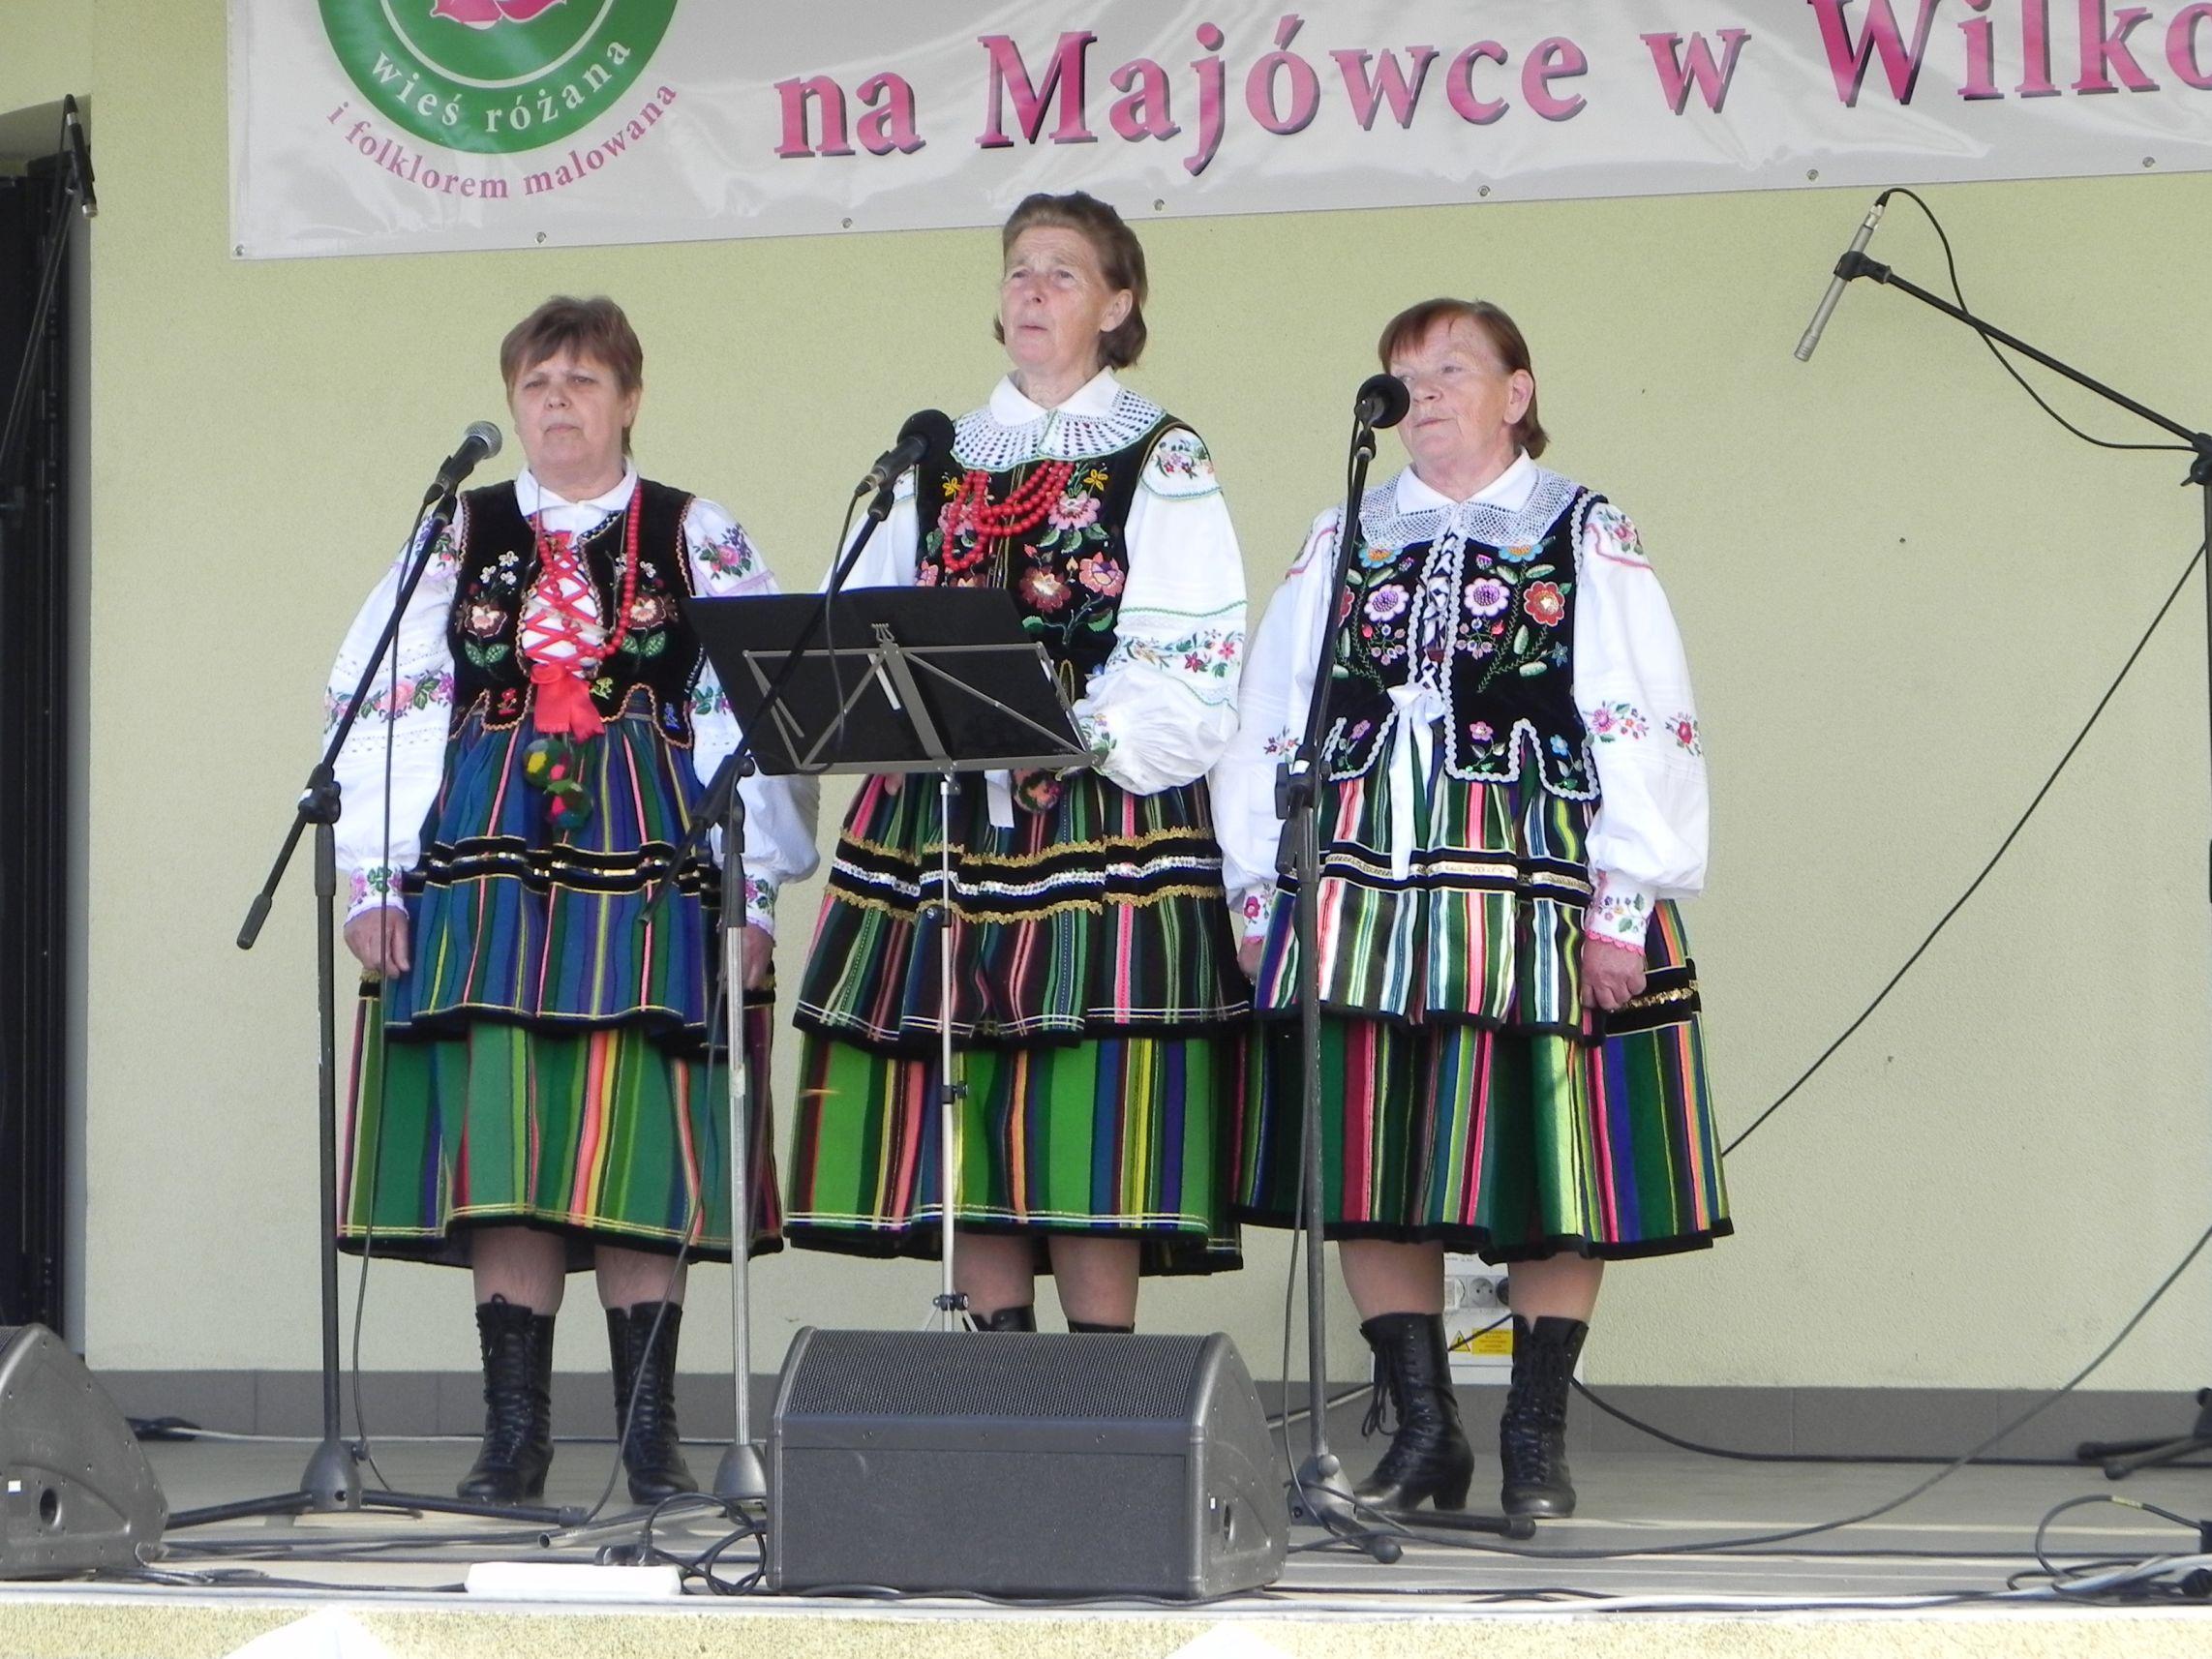 Wilkowice - majówka (115)